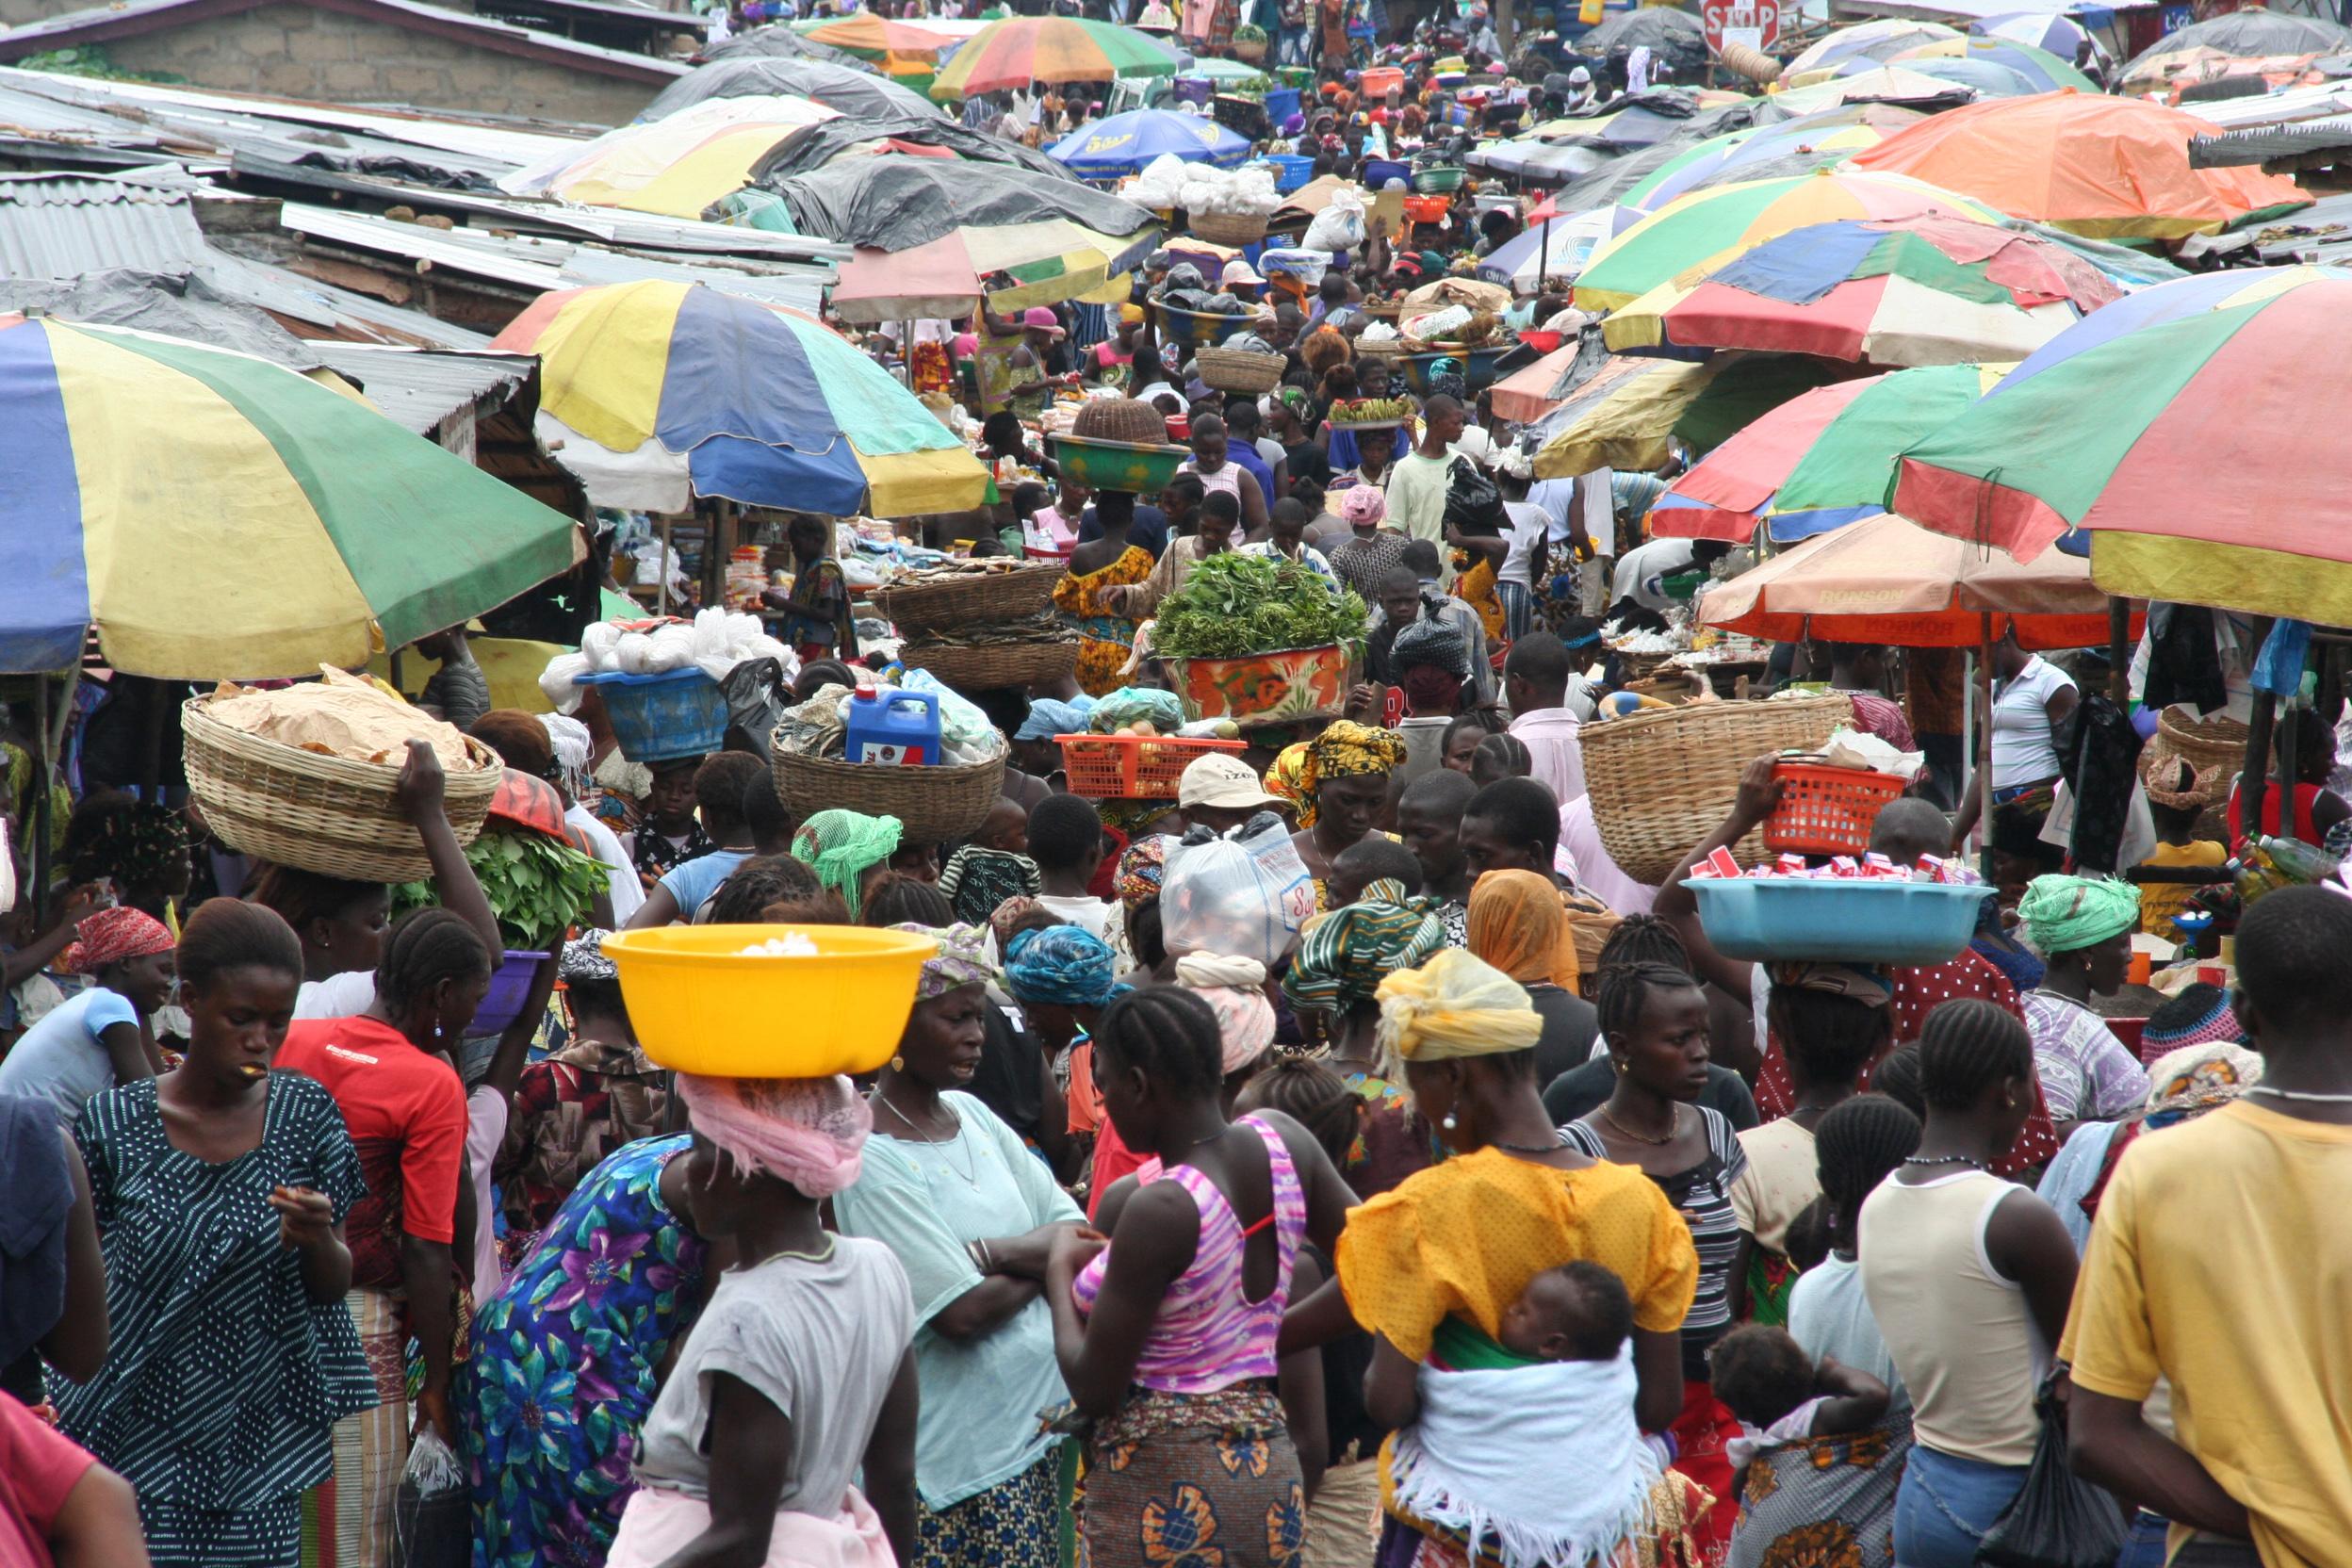 Markt im ehemaligen Flüchtlingslager Waterloo. Schirm, Schirme